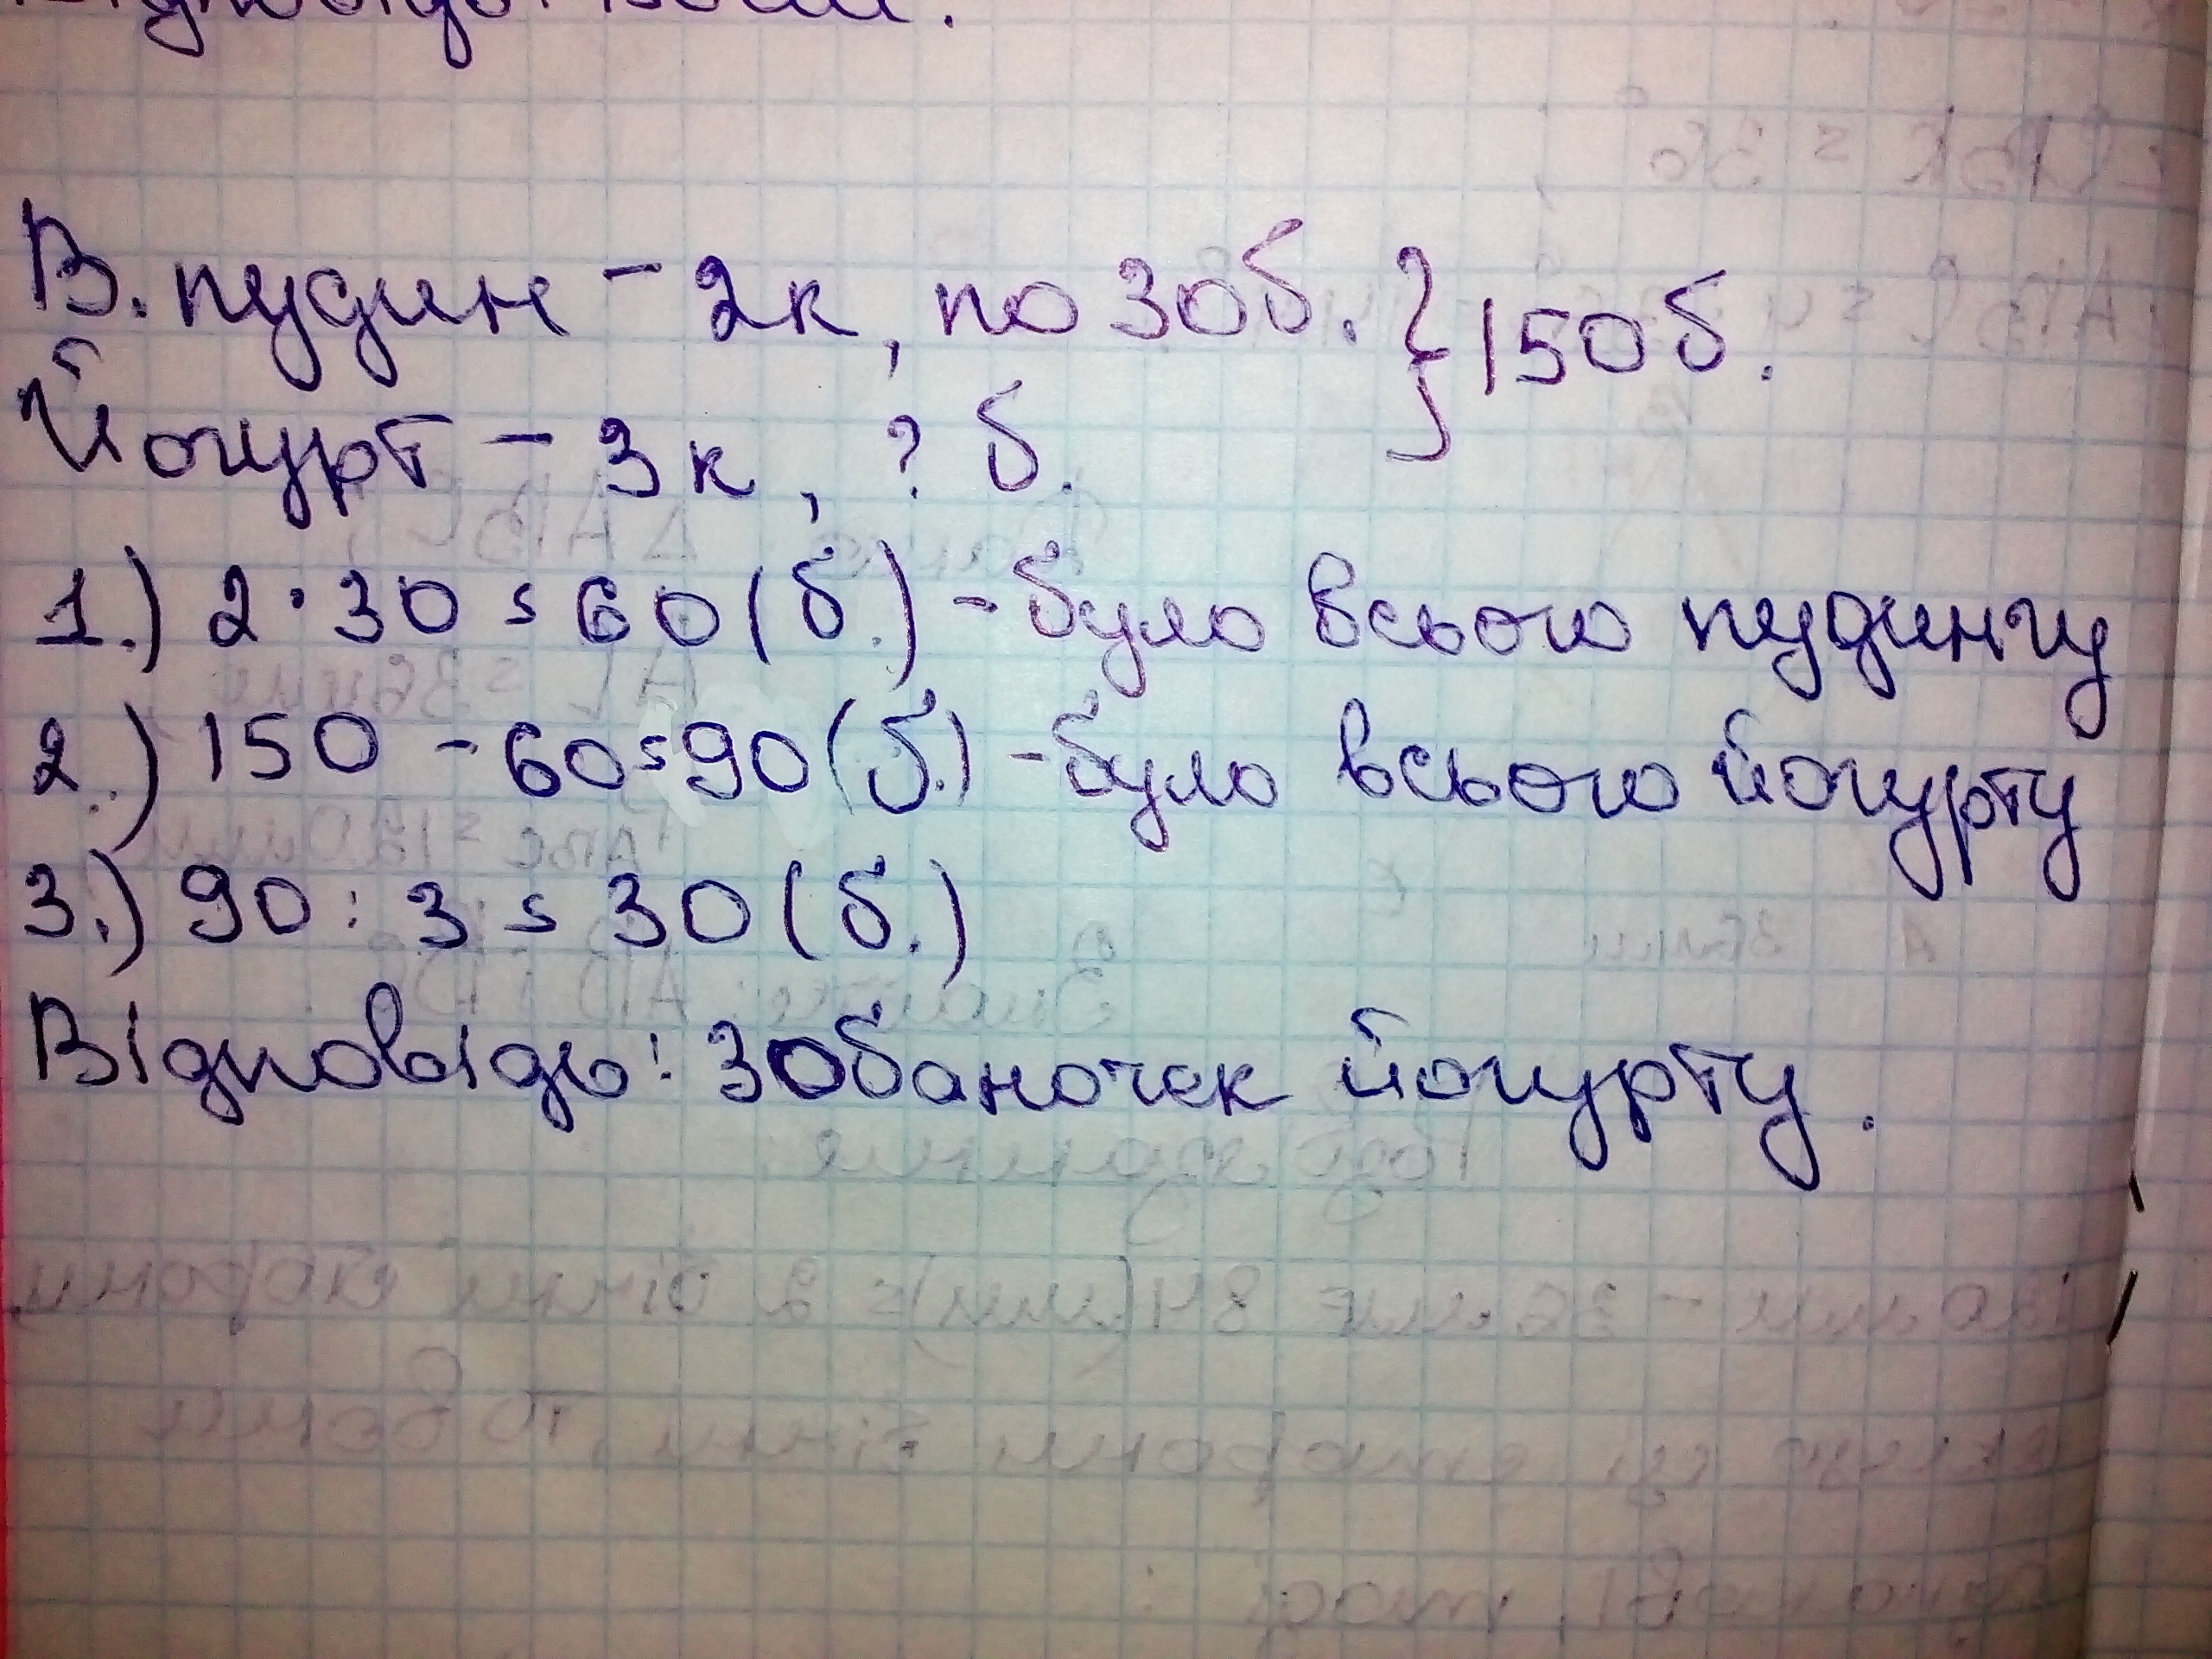 Умова и решение, думаю понятно)